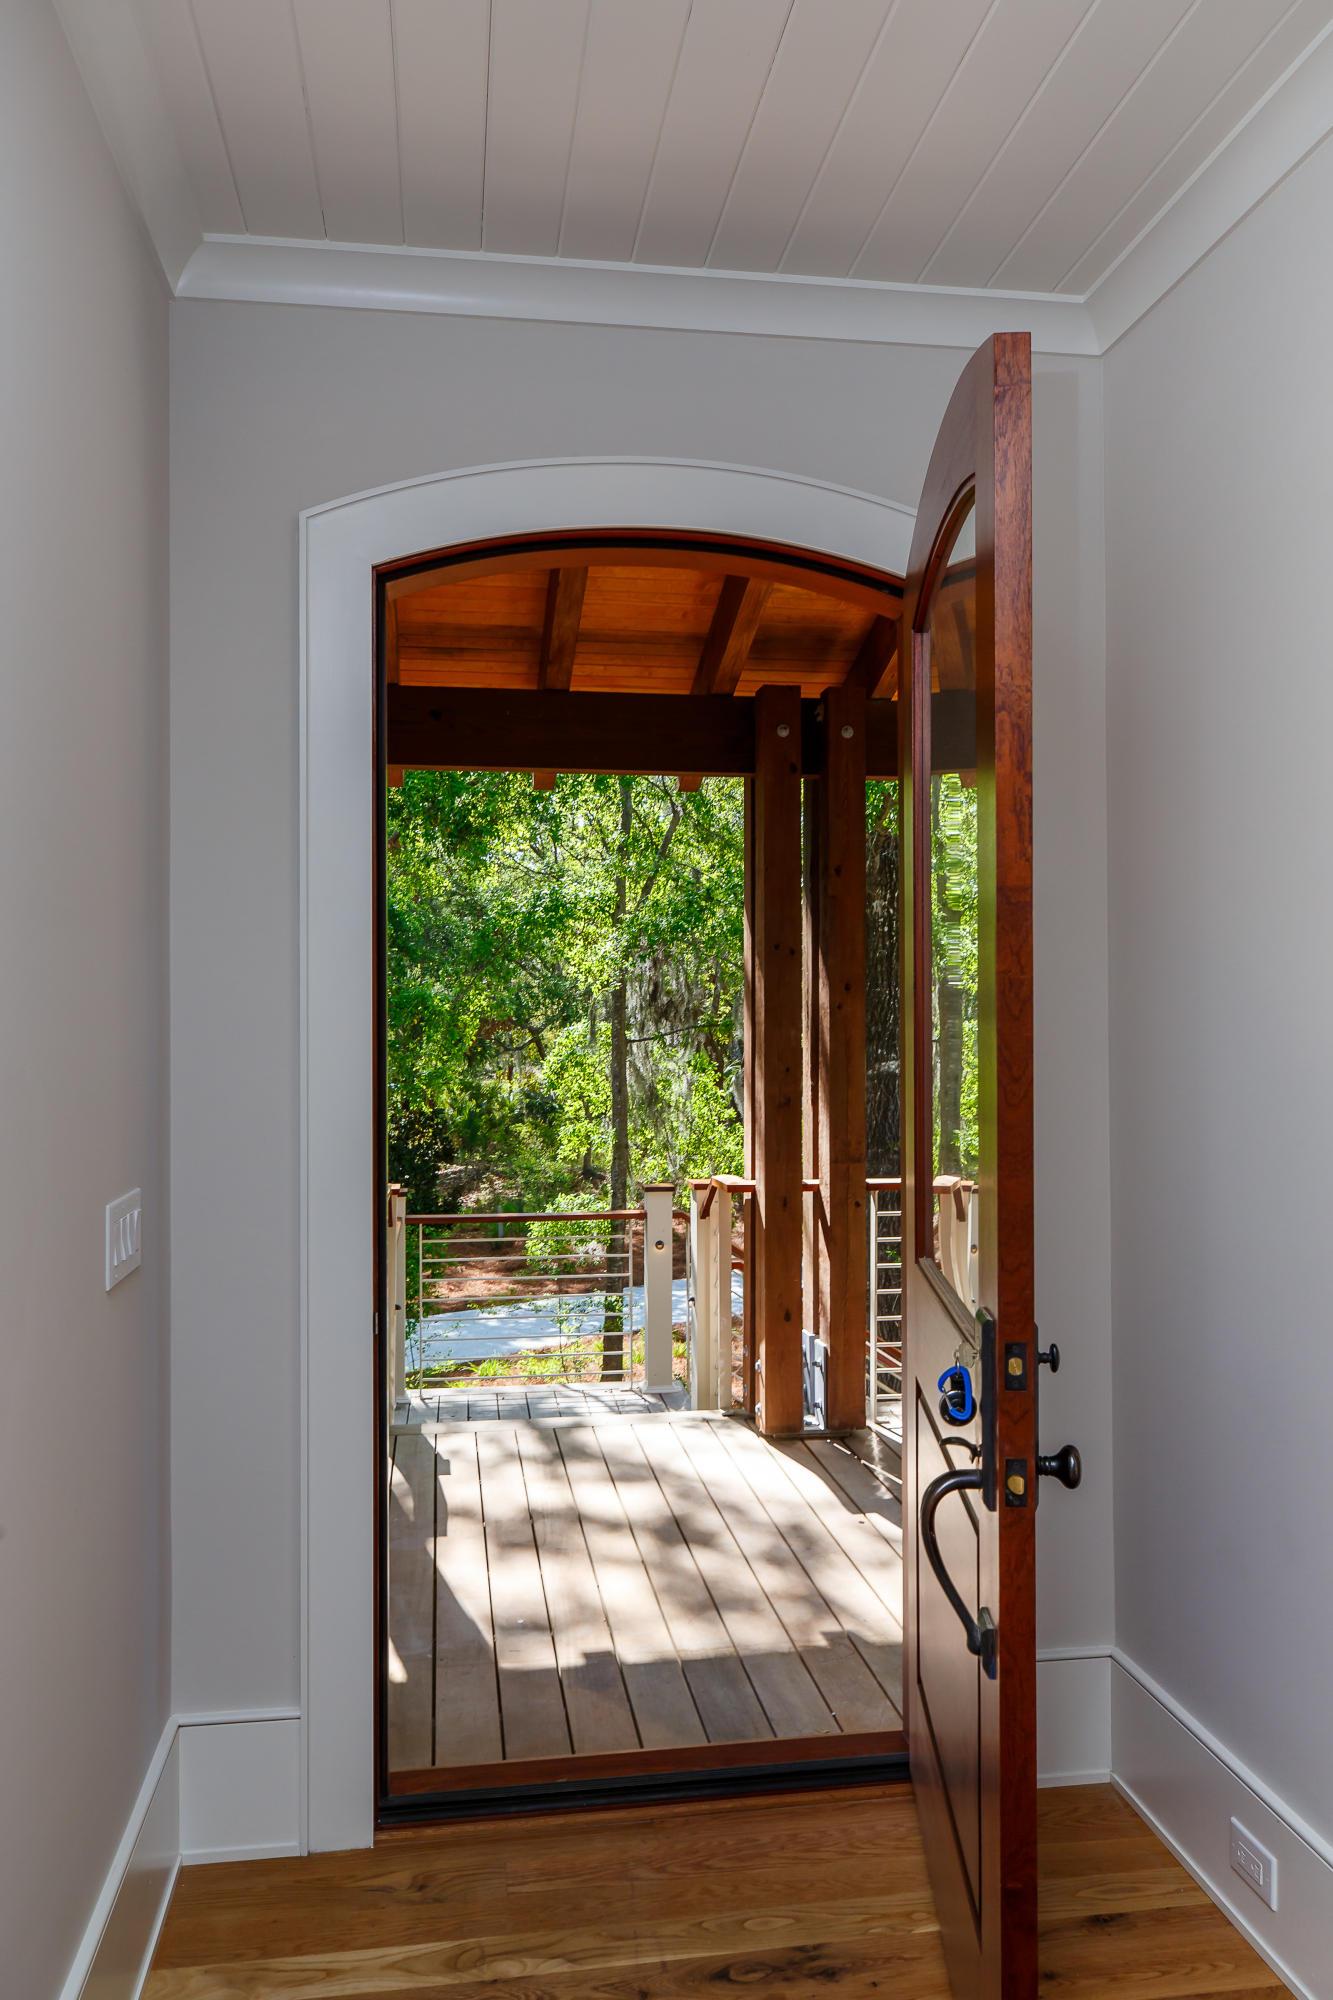 Kiawah Island Homes For Sale - 125 Halona, Kiawah Island, SC - 27